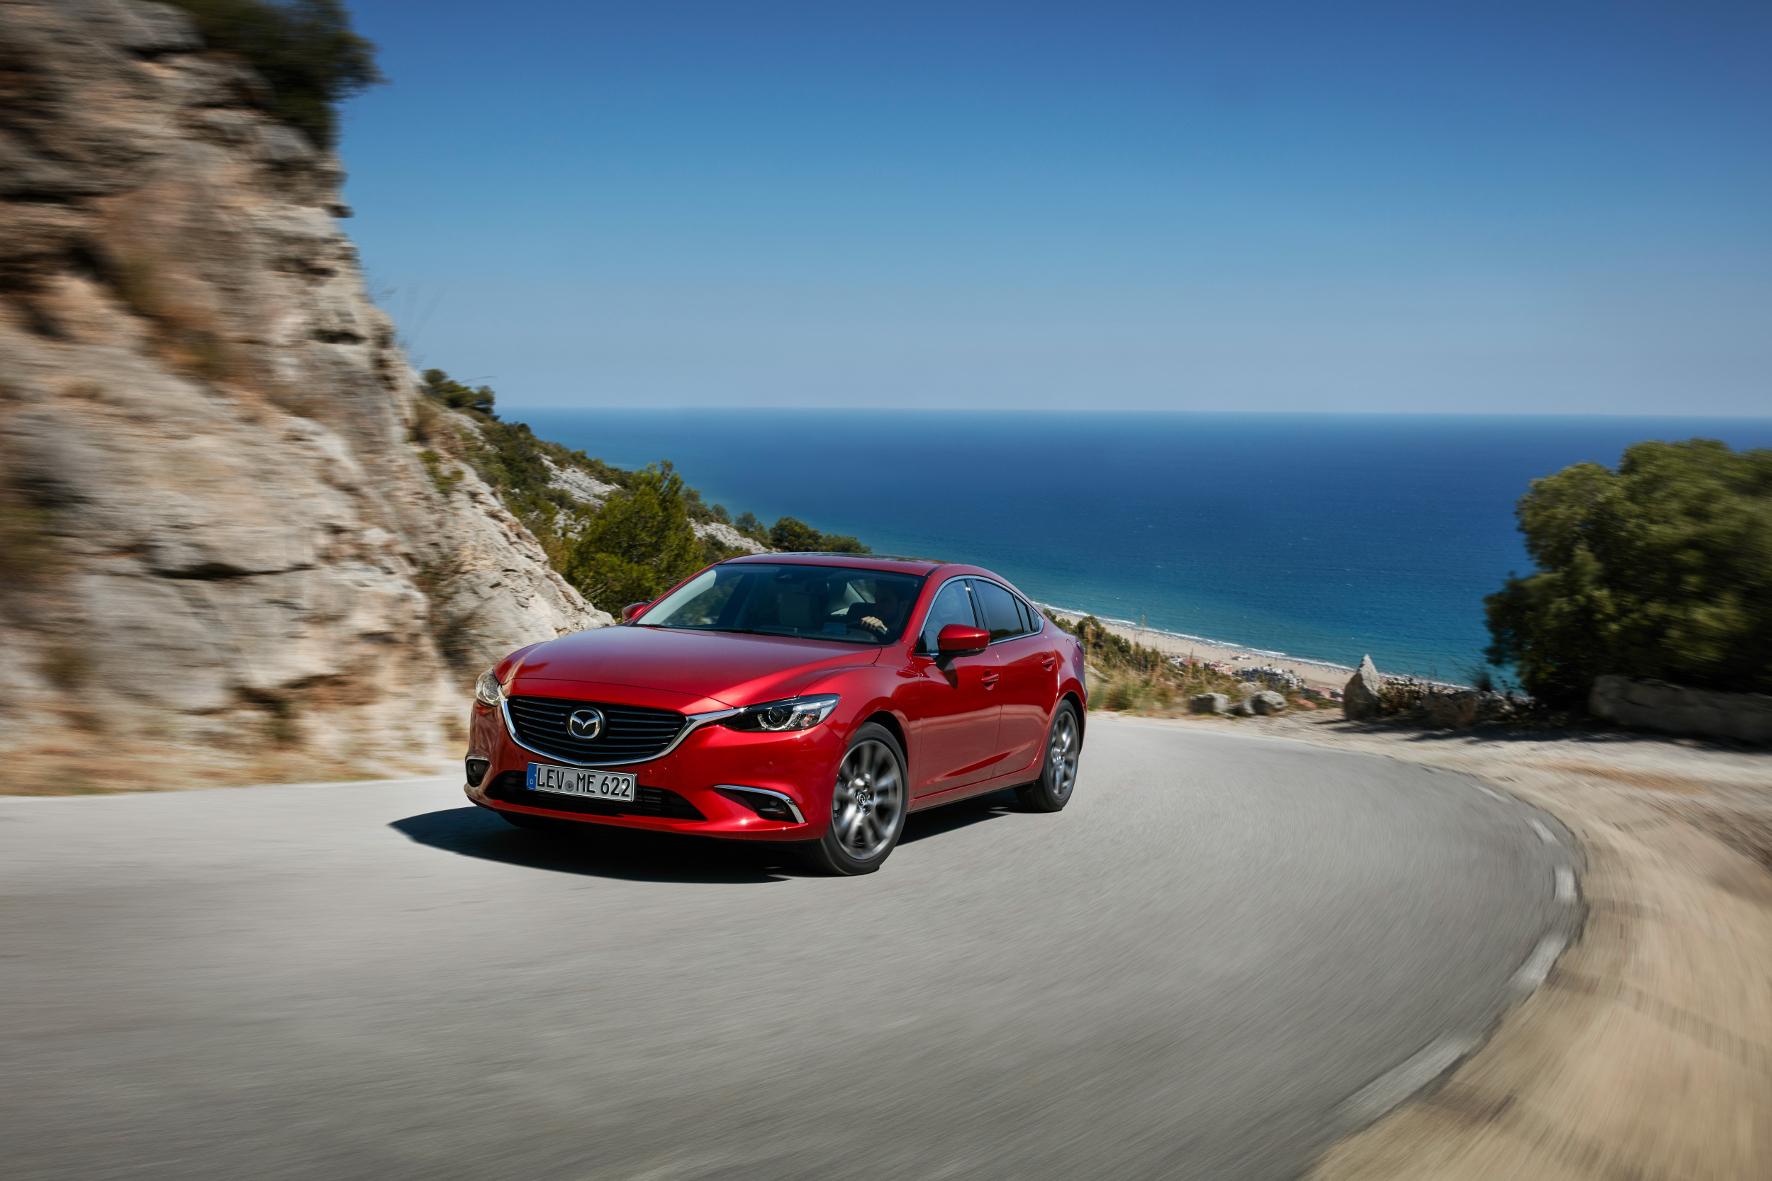 mid Barcelona - Aufgefrischt: Der Mazda6 erhält im Rahmen einer Modellpflege leichte Korrekturen an der Außenhaut und neue Technik-Features.